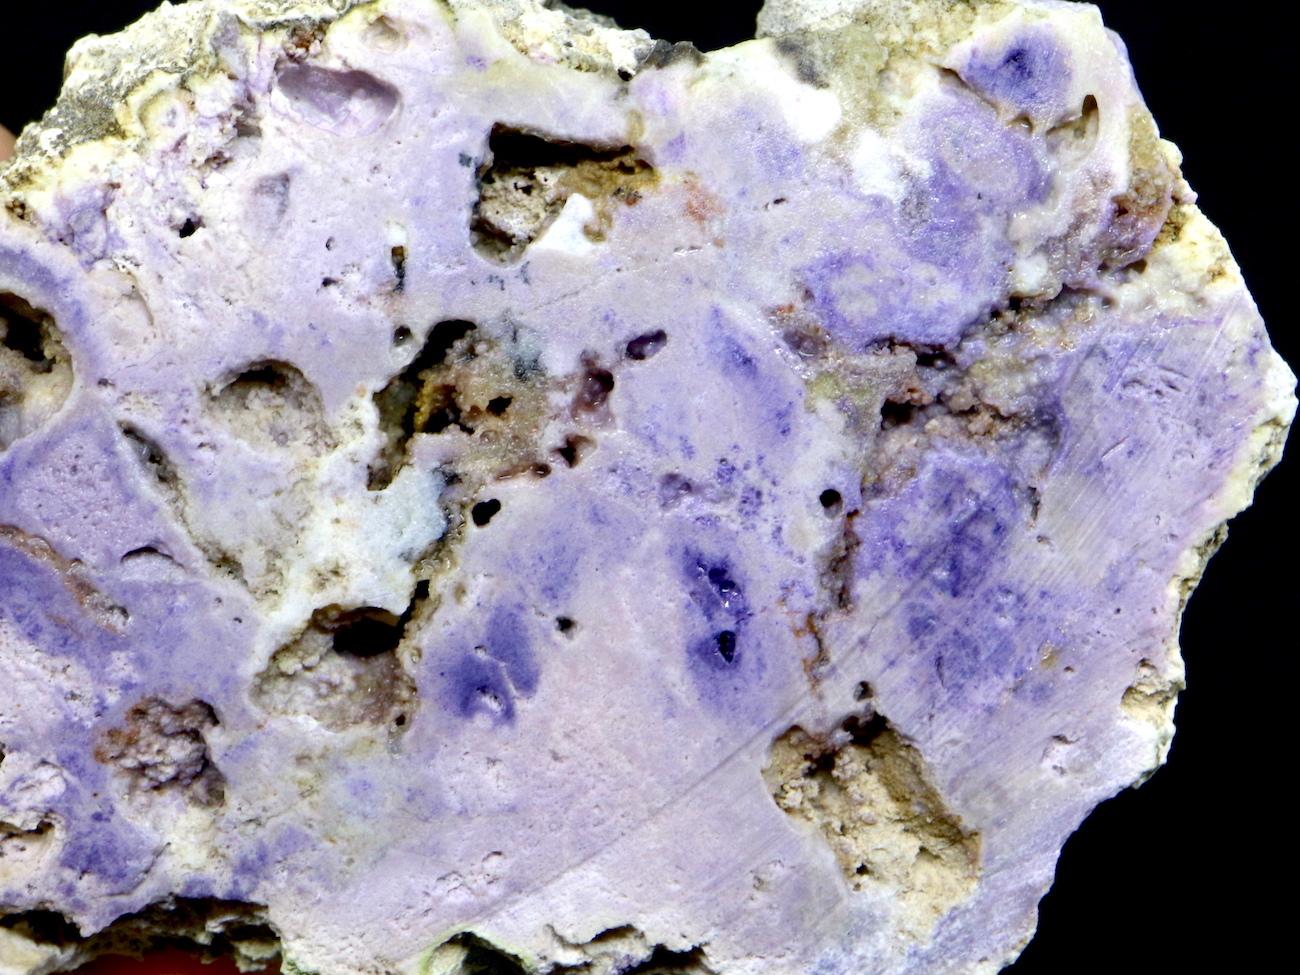 超希少!ティファニーストーン 原石 ユタ州産 89,4g 鉱物 TF038 原石 天然石 鉱物 パワーストーン